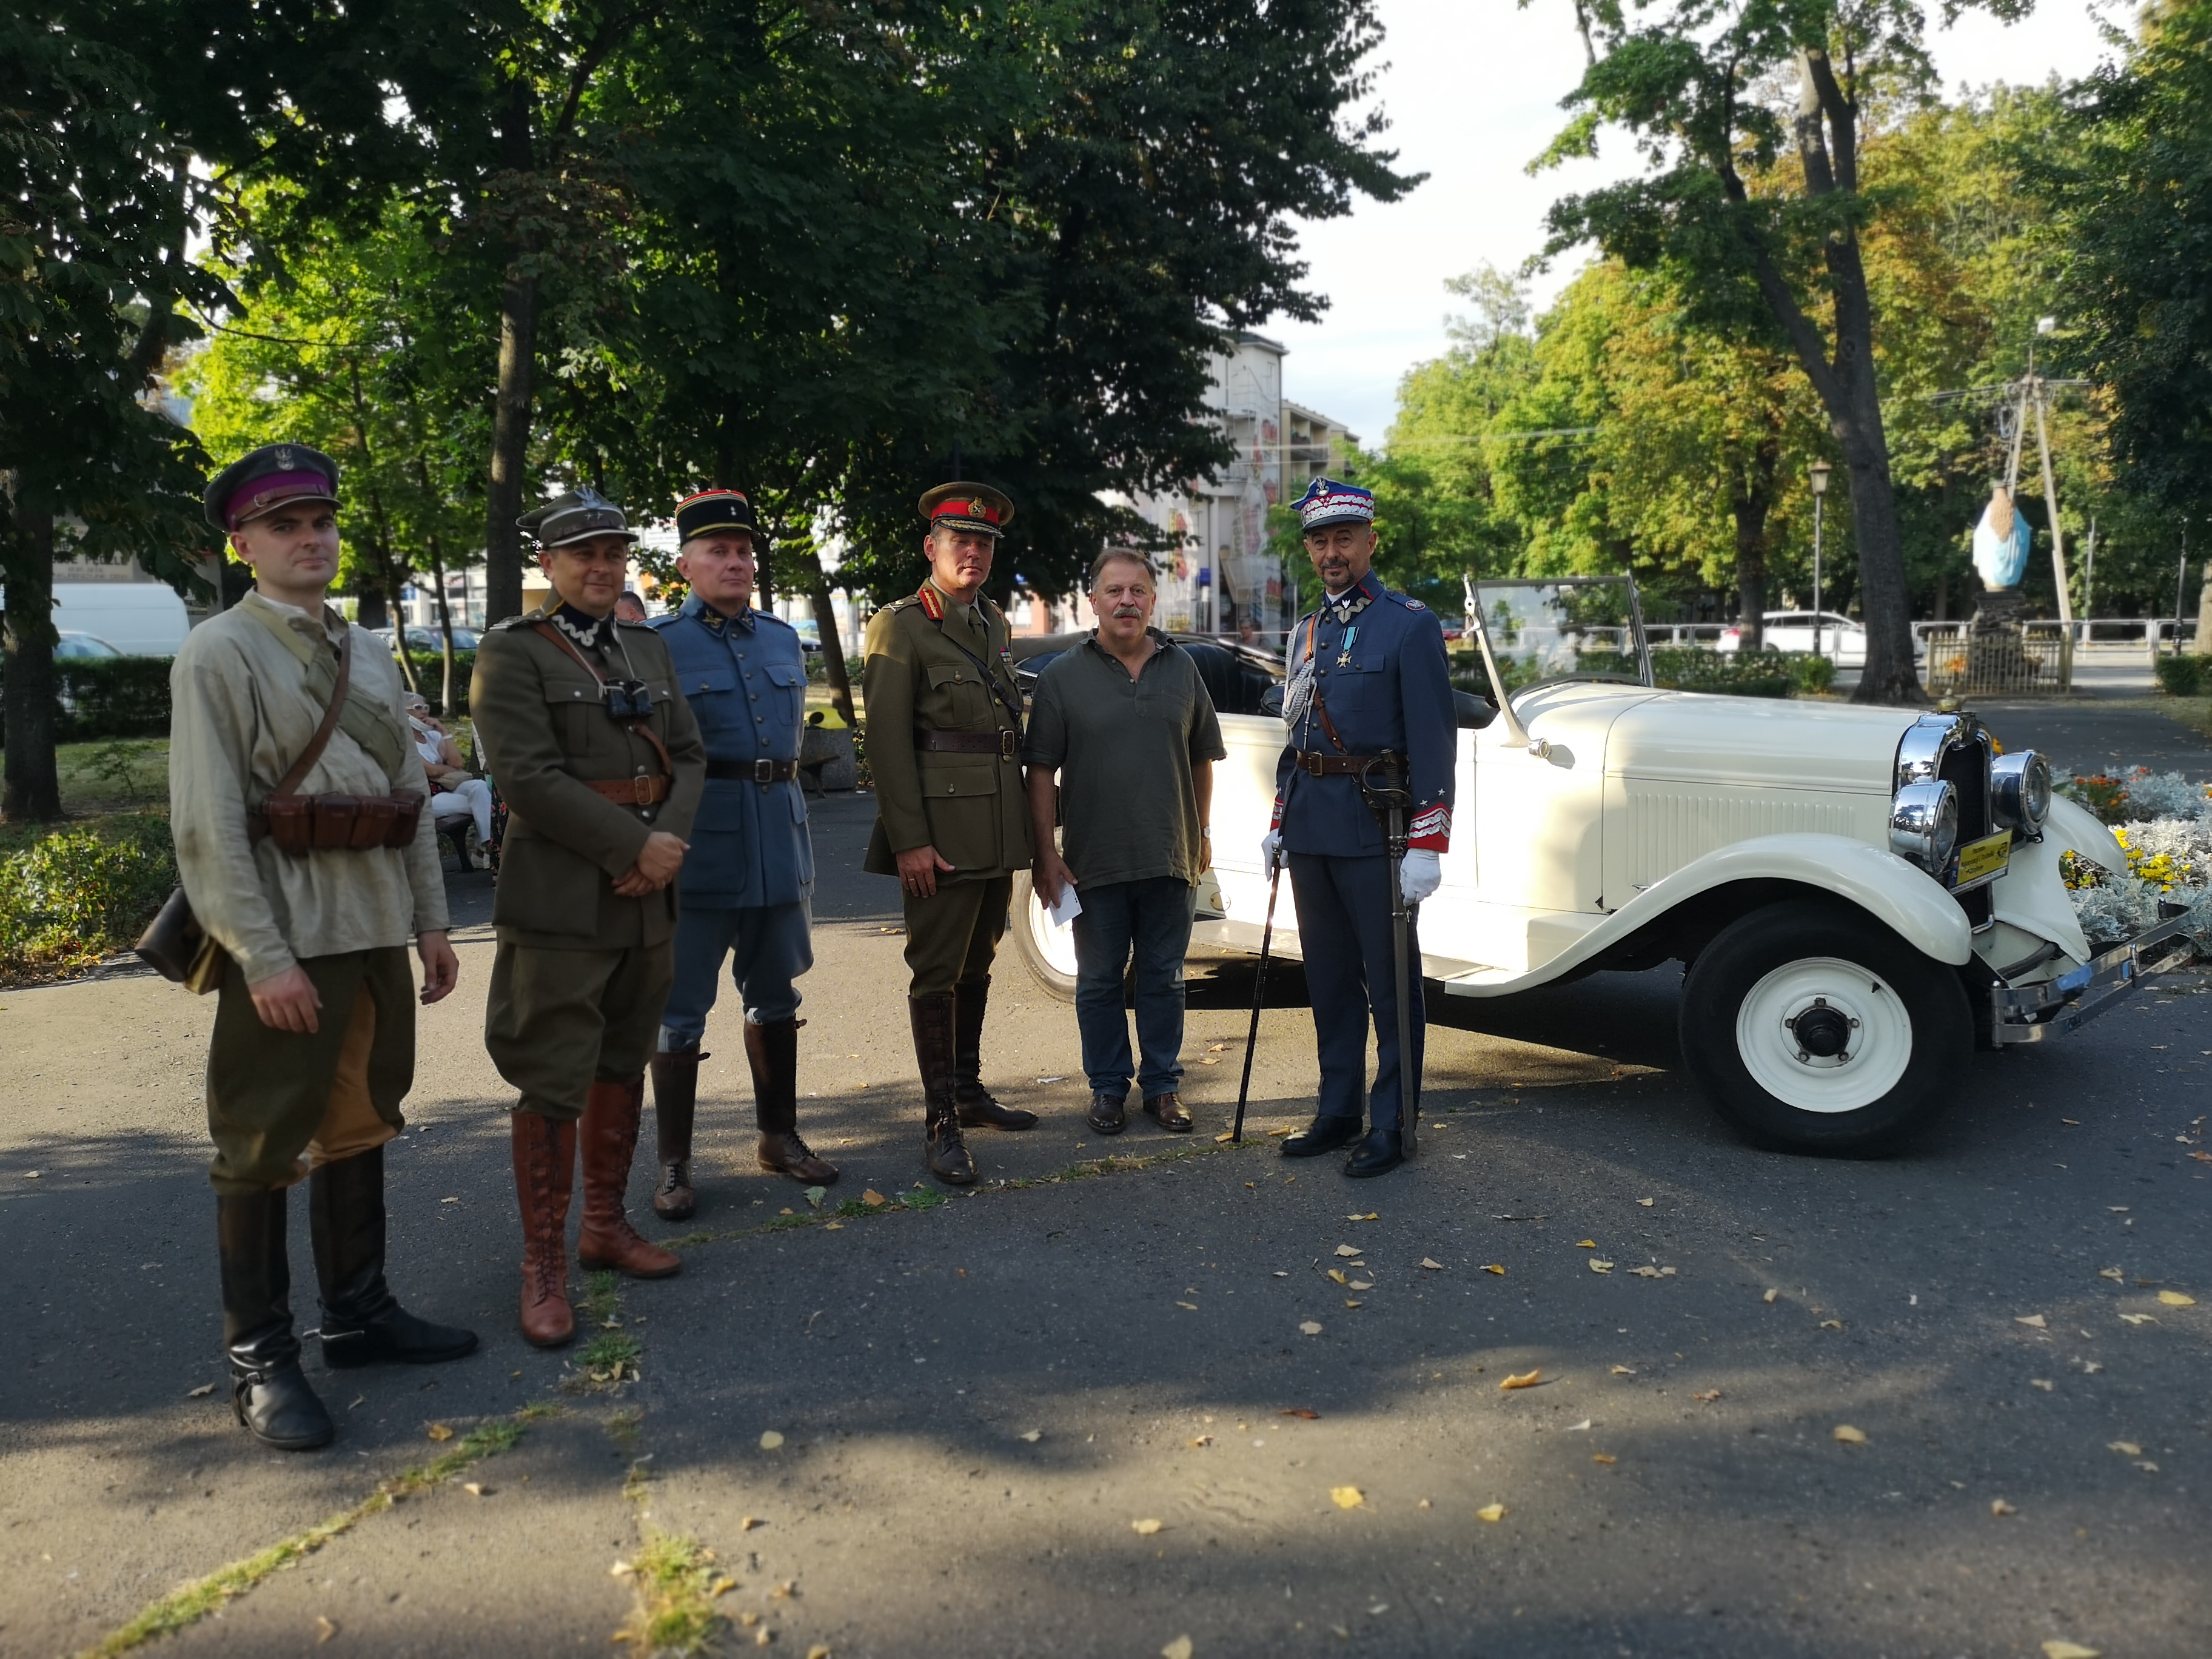 Inscenizacja przyjazdu gen. Hallera do Mińska Maz. w 1920 roku – 17.08.2020